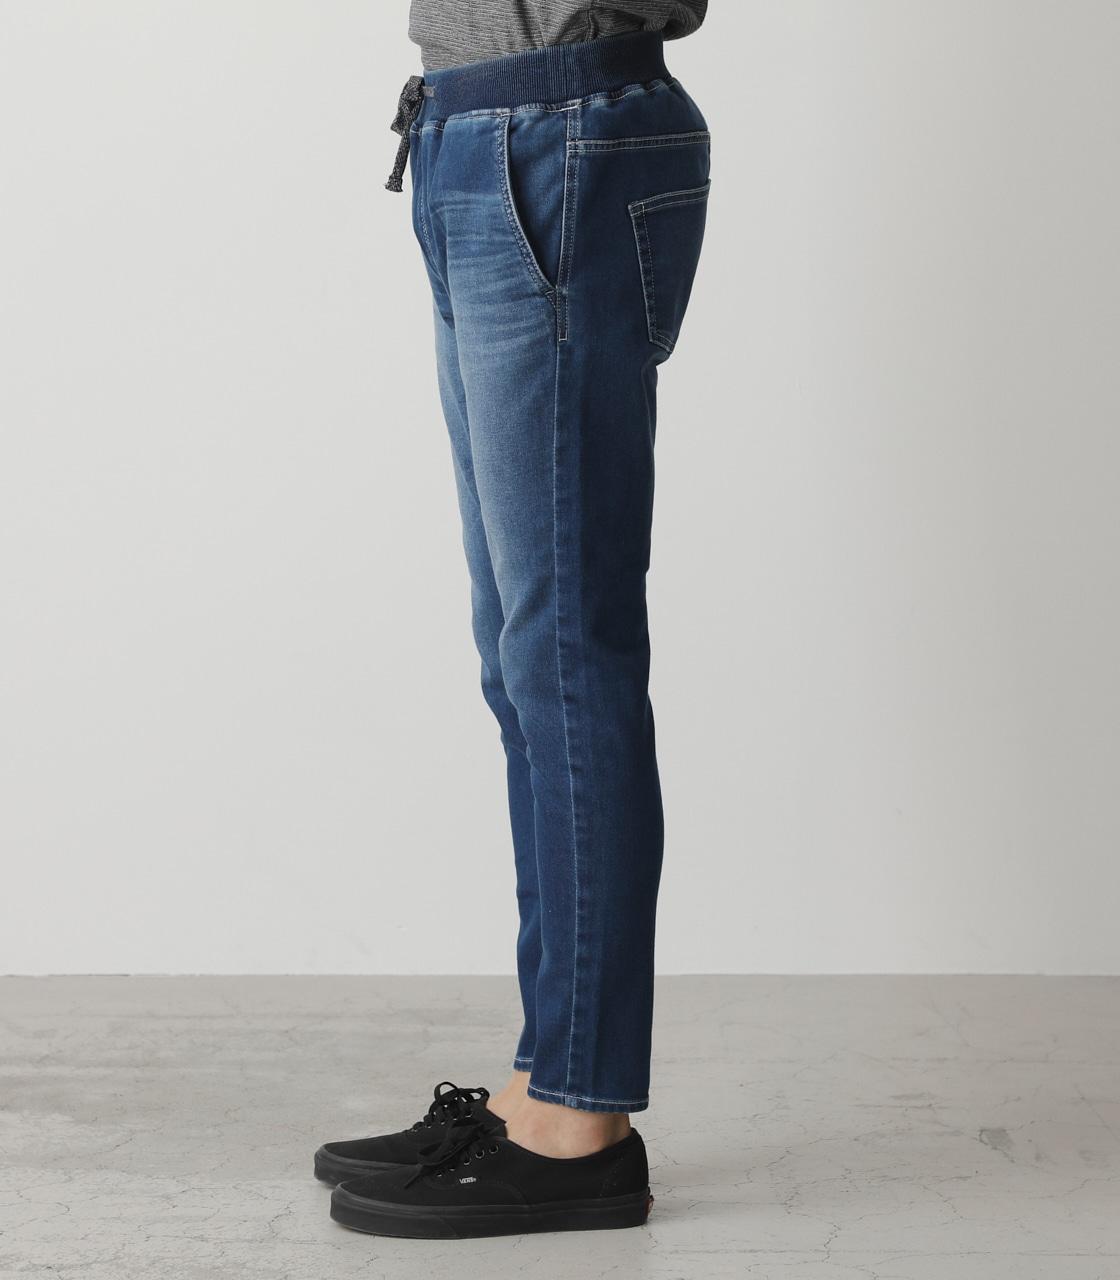 Magnifique Jeans Pearl Slim 5692 Mezzo fixe Stretch Denim NOUVEAU RRP € 129,95